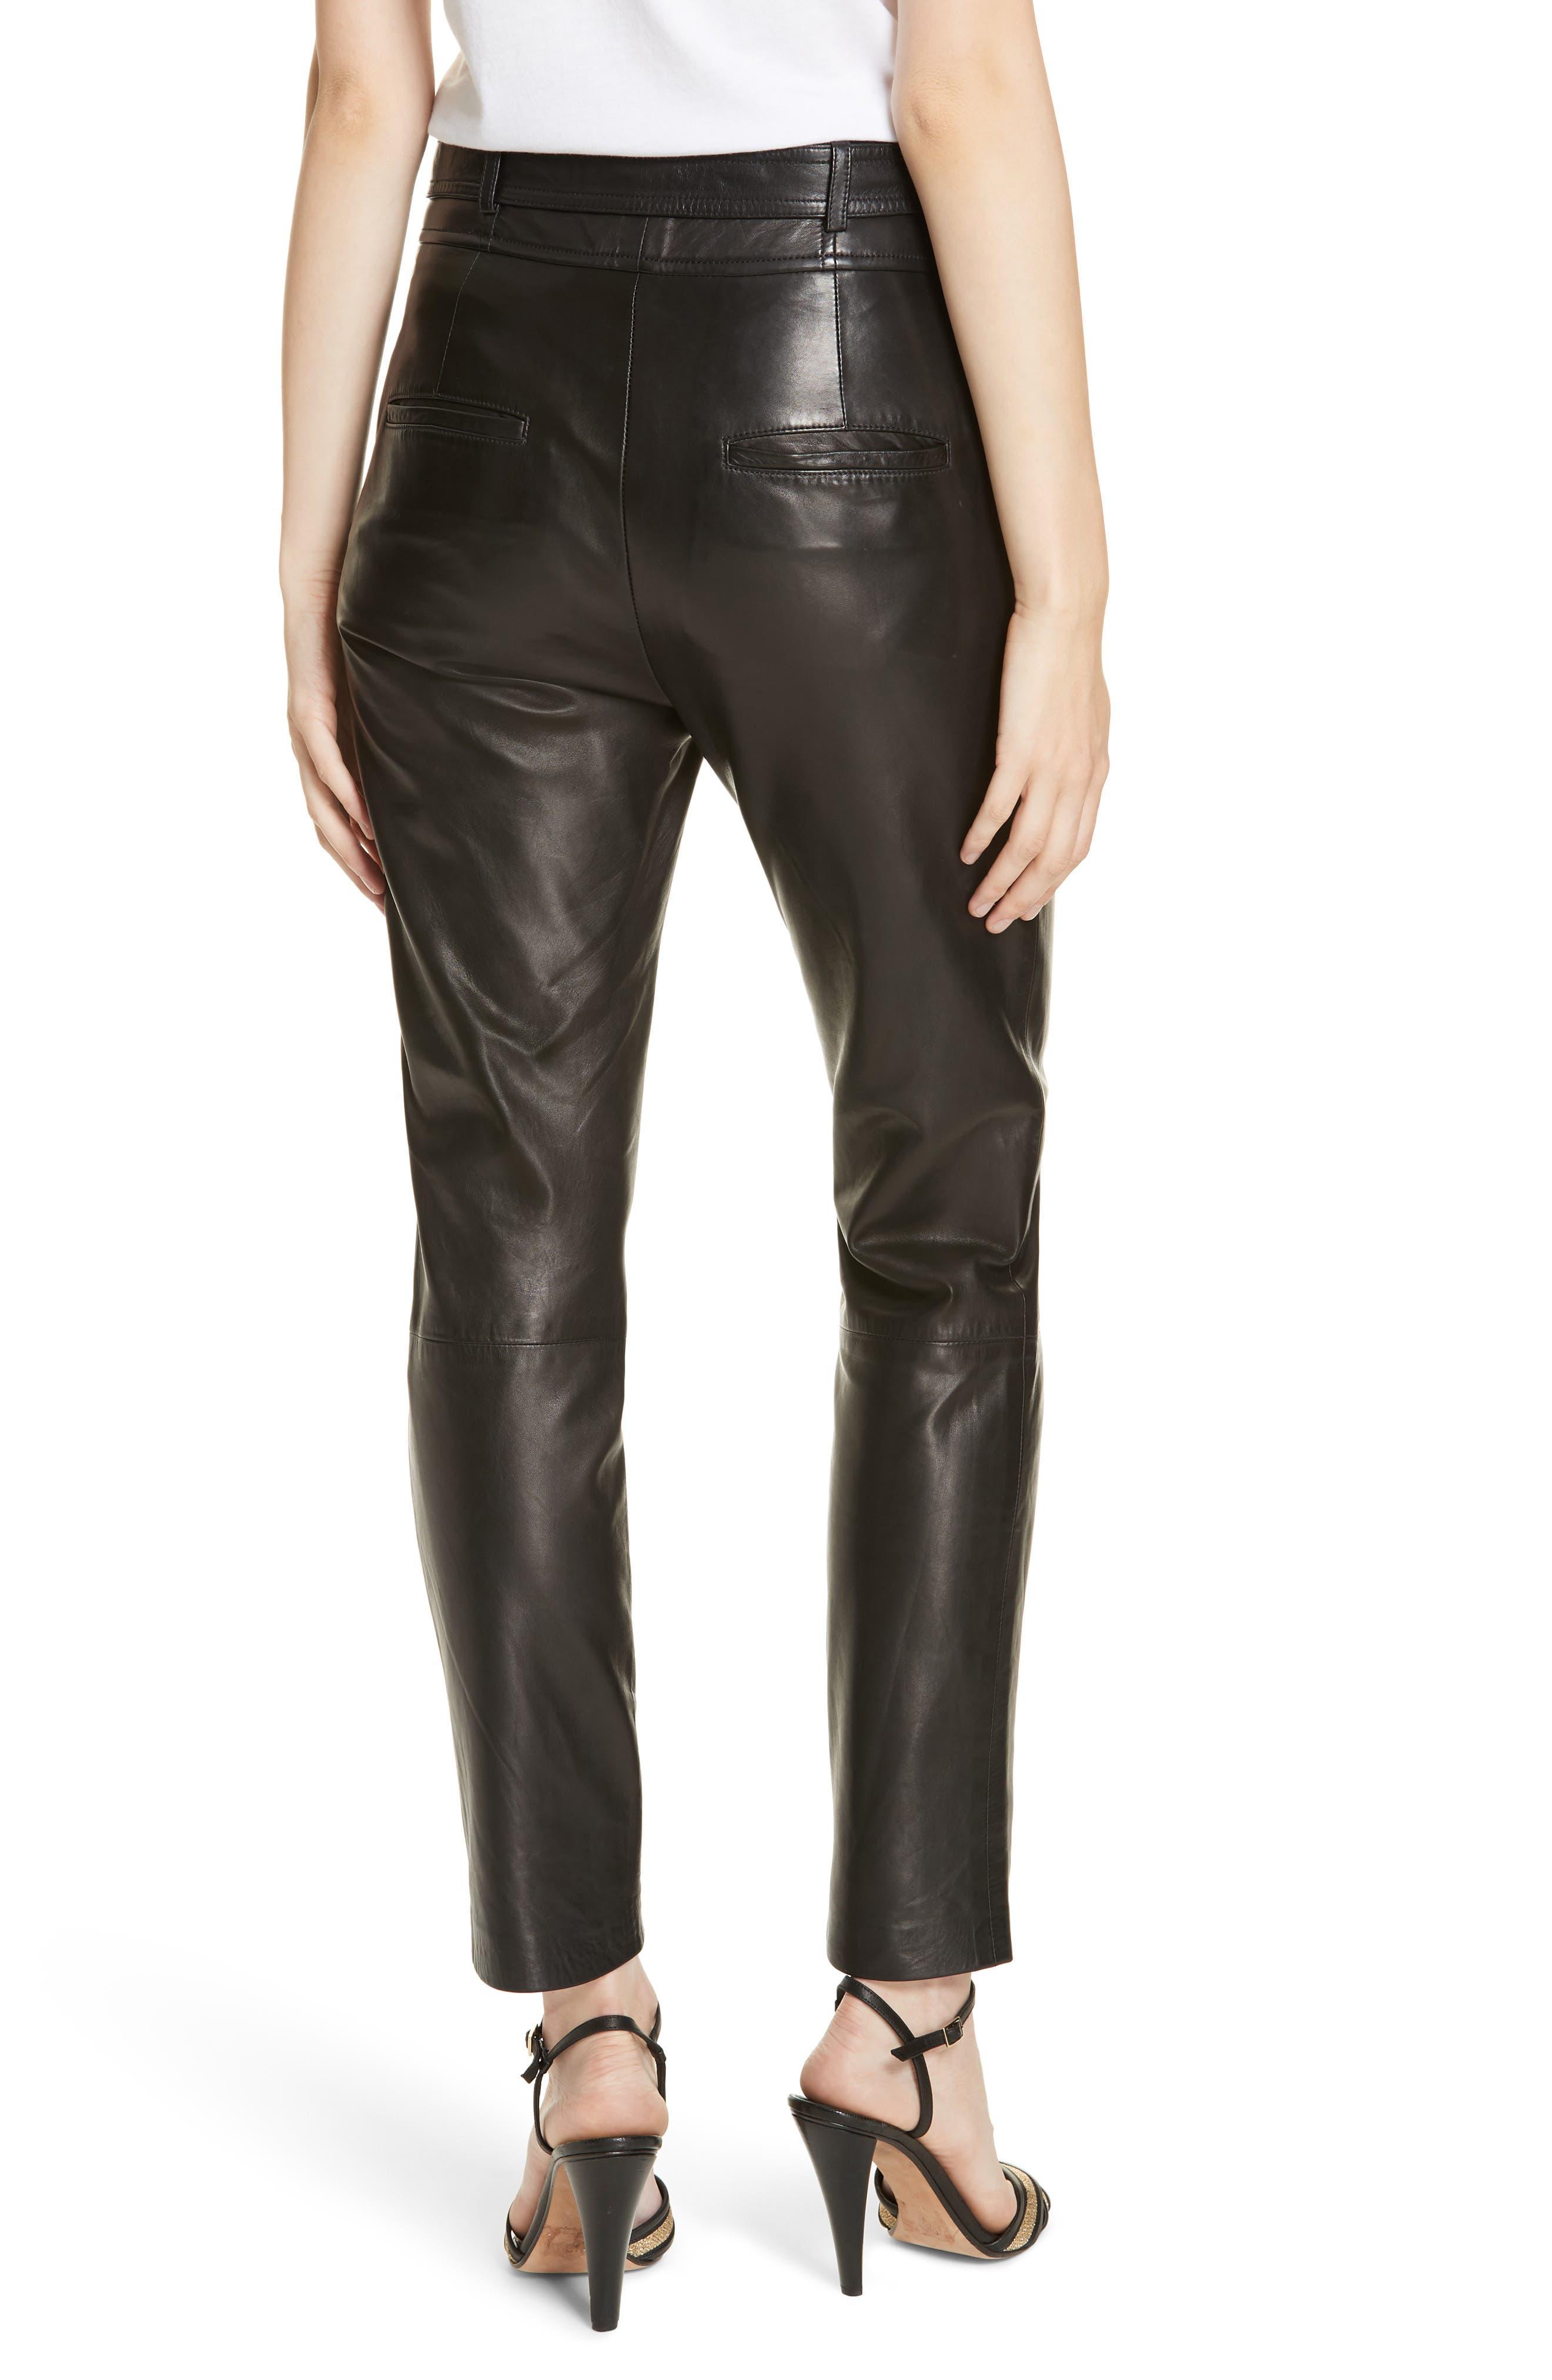 Faxon Leather Pants,                             Alternate thumbnail 2, color,                             001